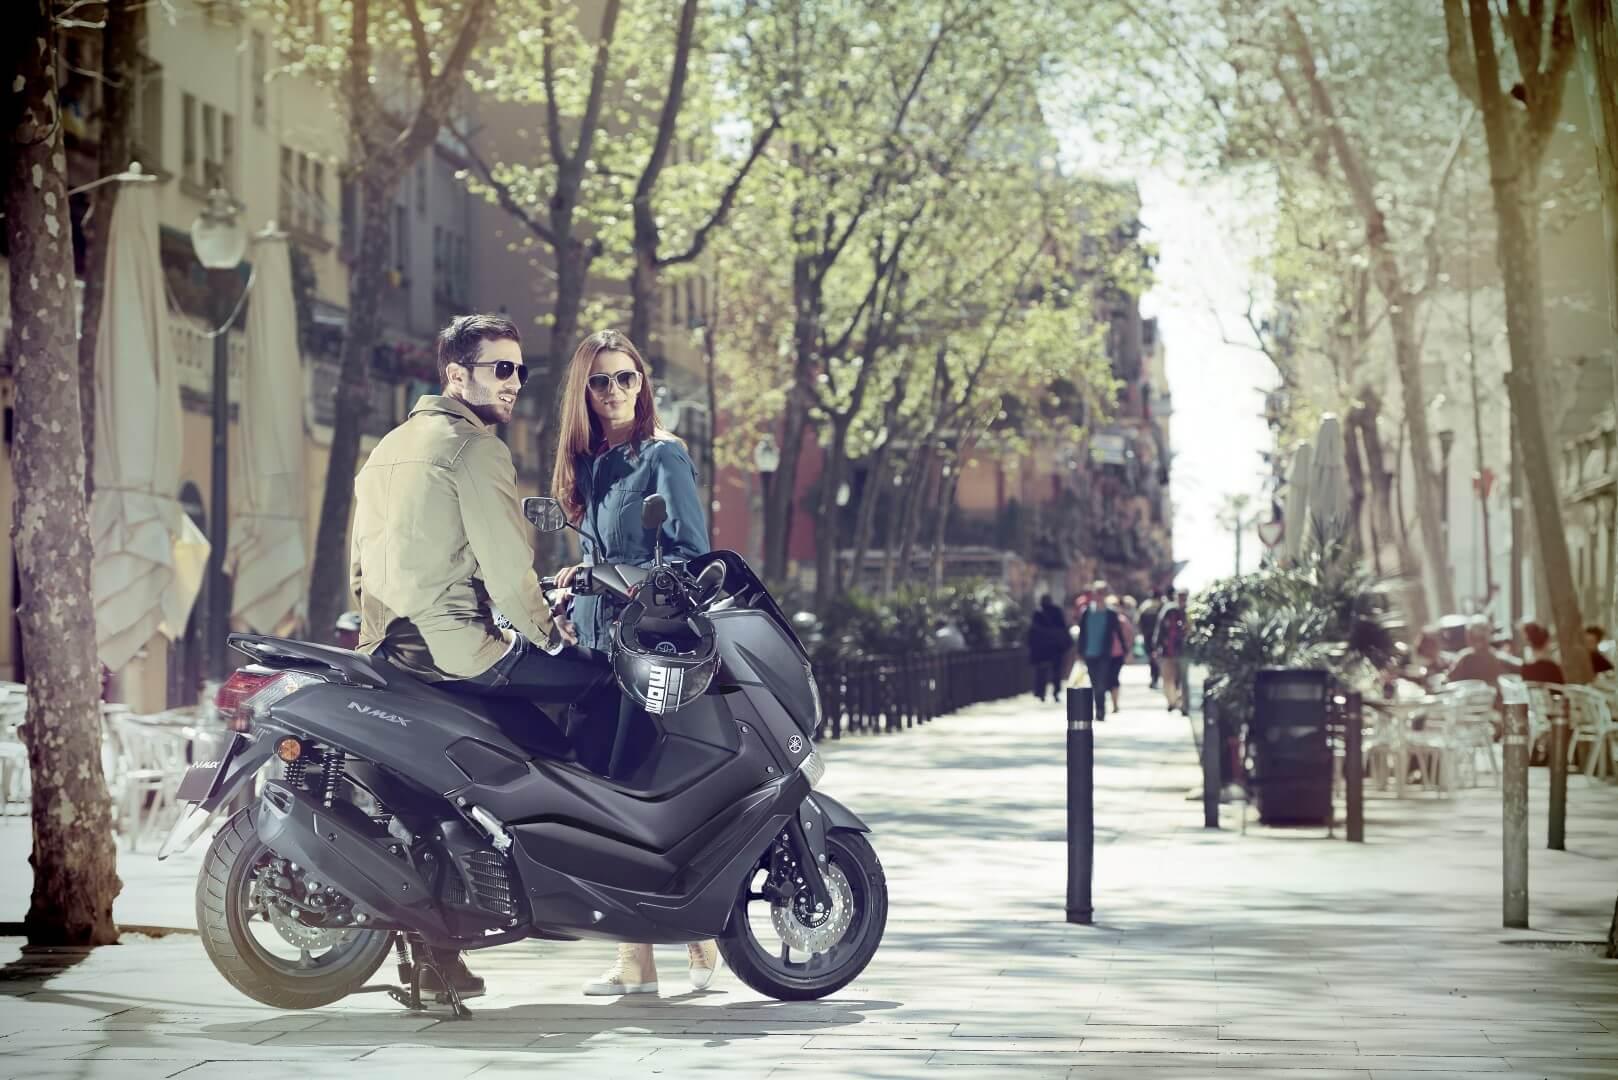 Yamaha Urban Mobilty